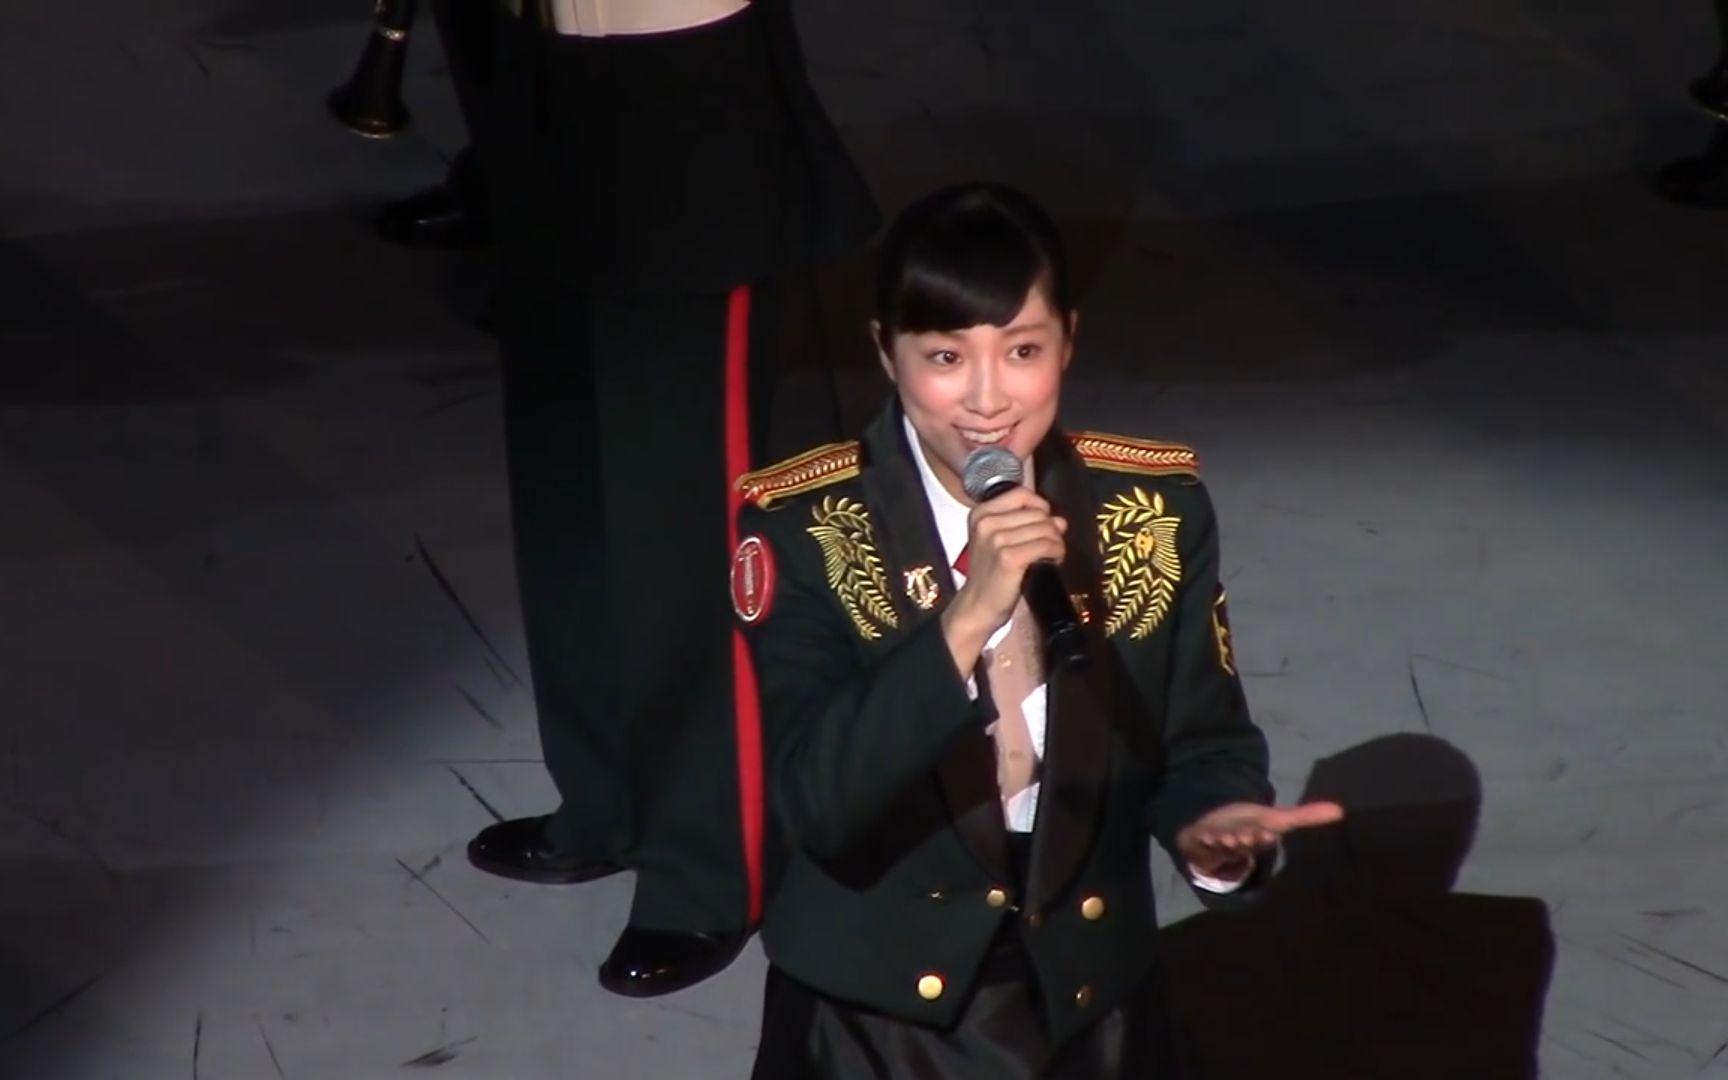 【三宅由佳莉,松永美智子,鸫真衣】自卫队三歌姬平成27年度自卫队音乐